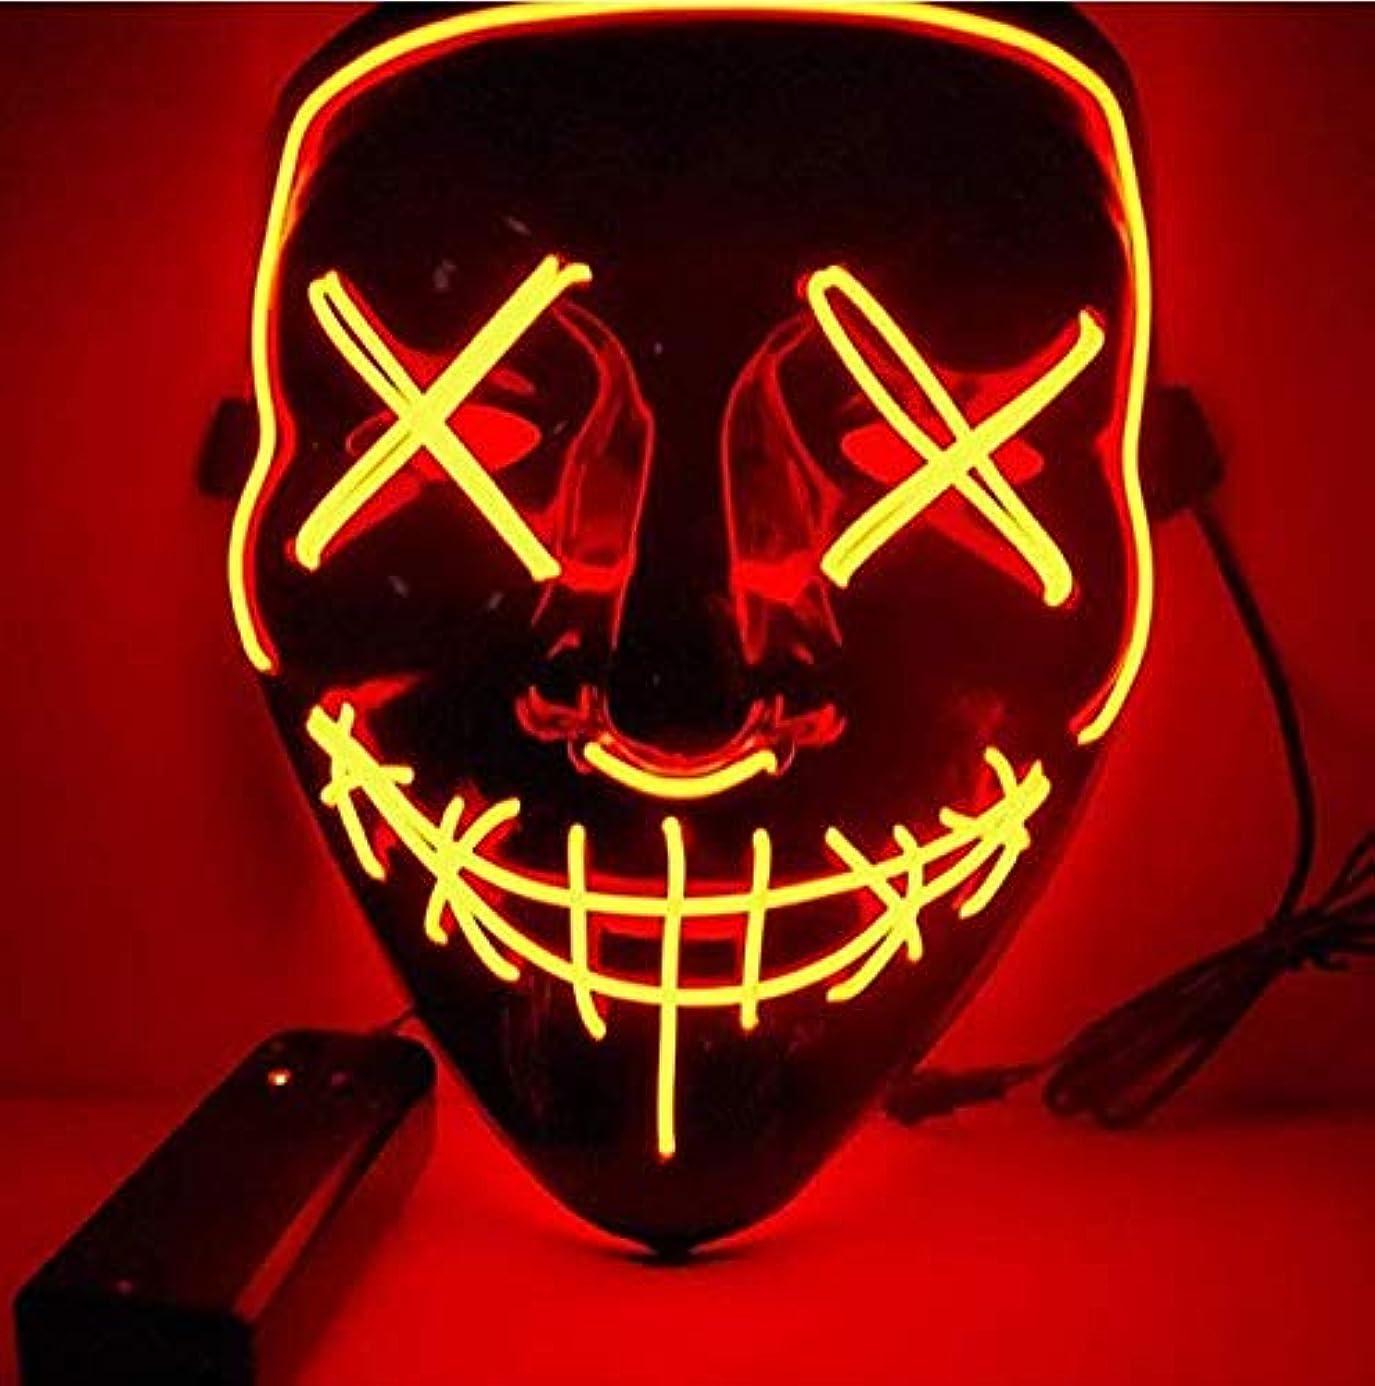 残忍な北へ伝染性のハロウィンマスクLEDライトアップパーティーマスクコスプレコスチュームサプライ暗闇で光る (Color : ROSE RED)